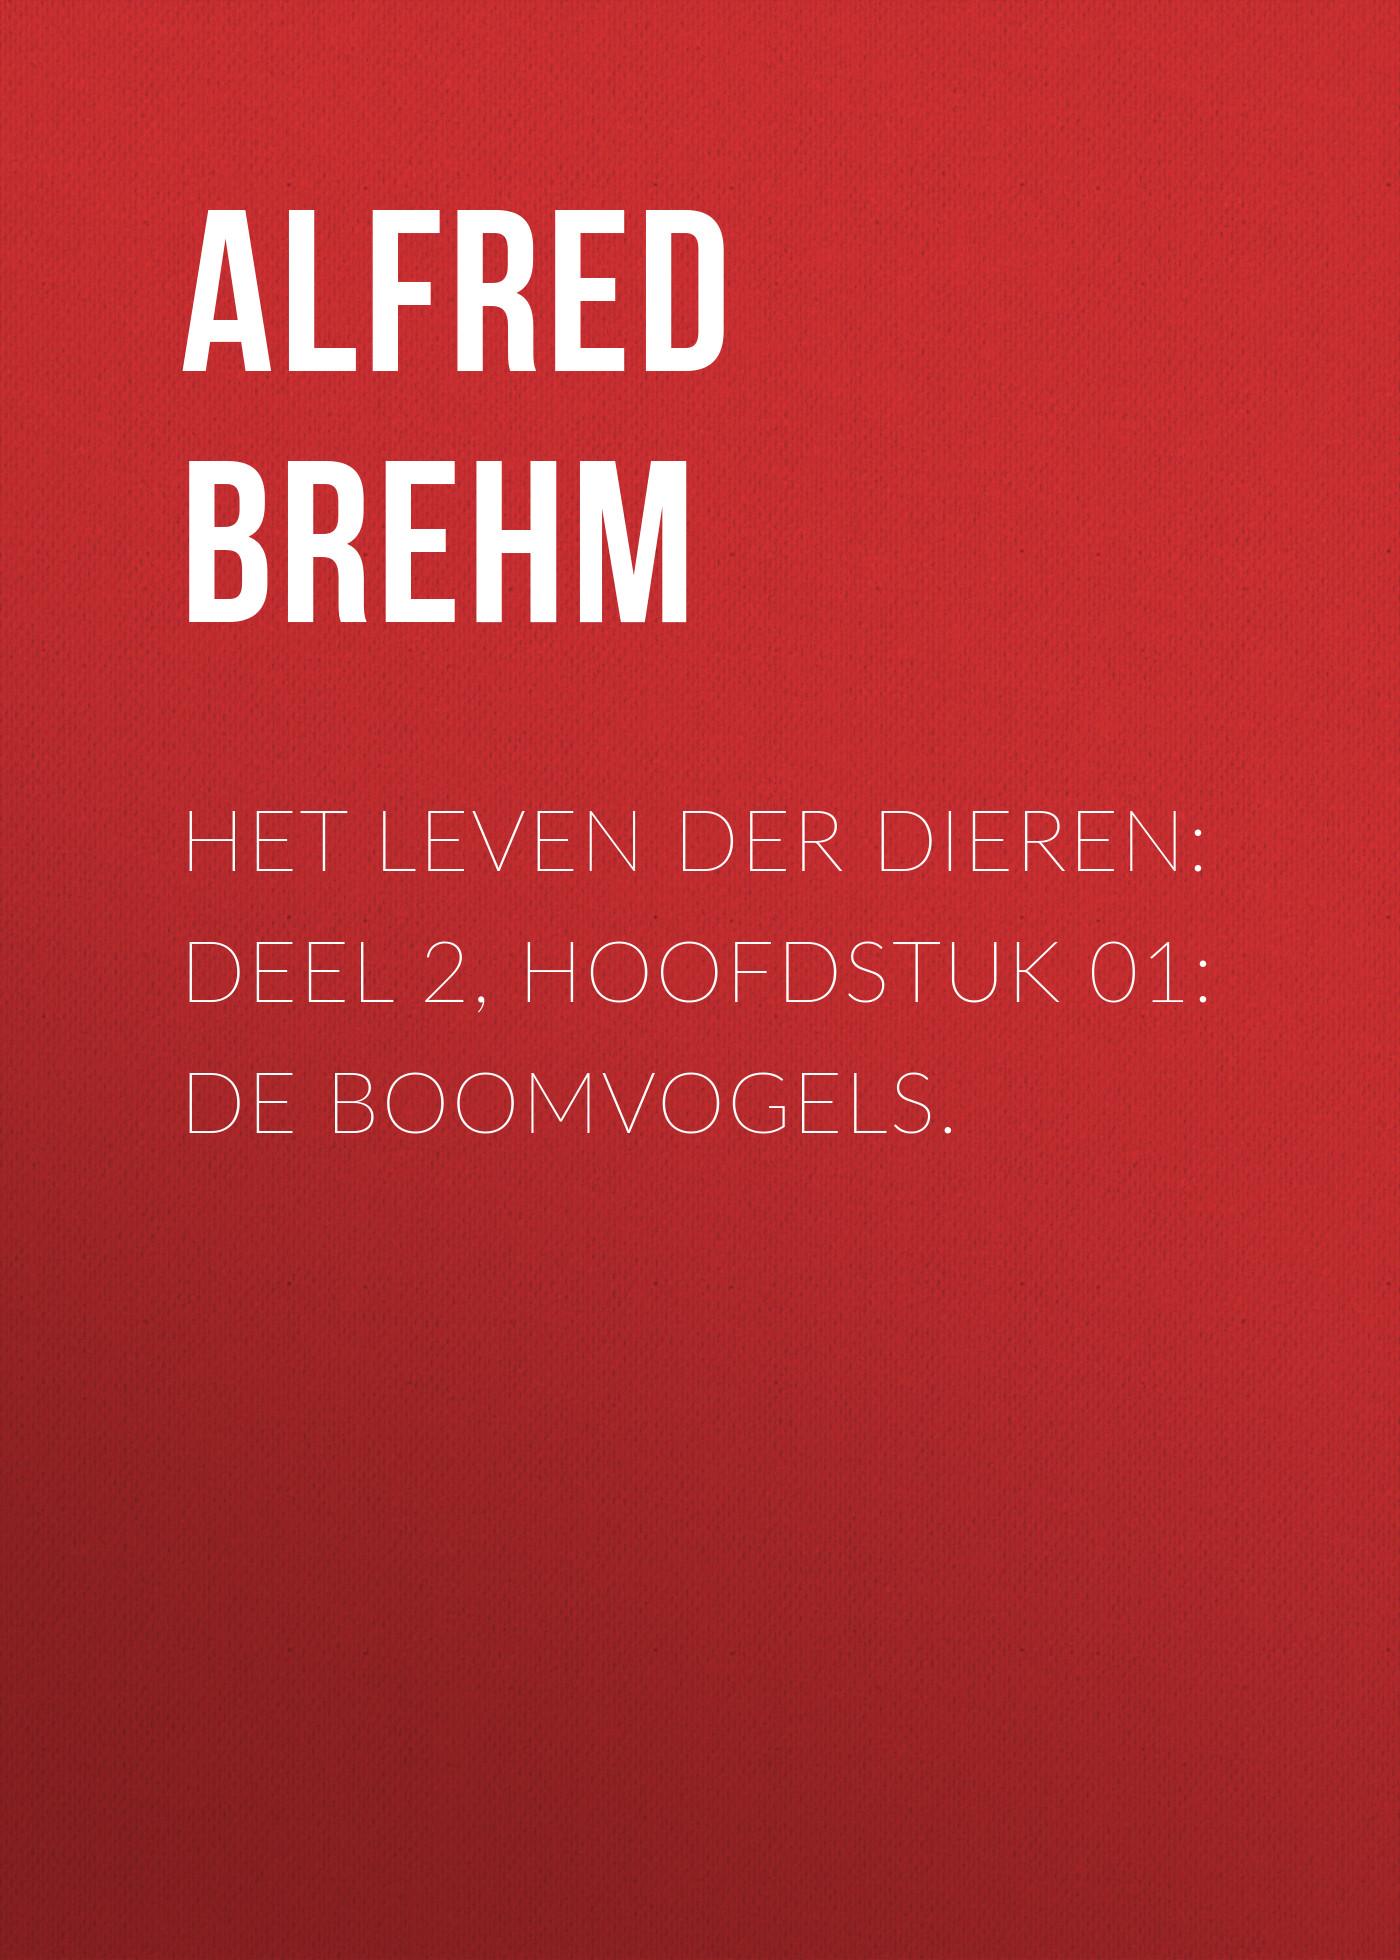 лучшая цена Brehm Alfred Edmund Het Leven der Dieren: Deel 2, Hoofdstuk 01: De Boomvogels.